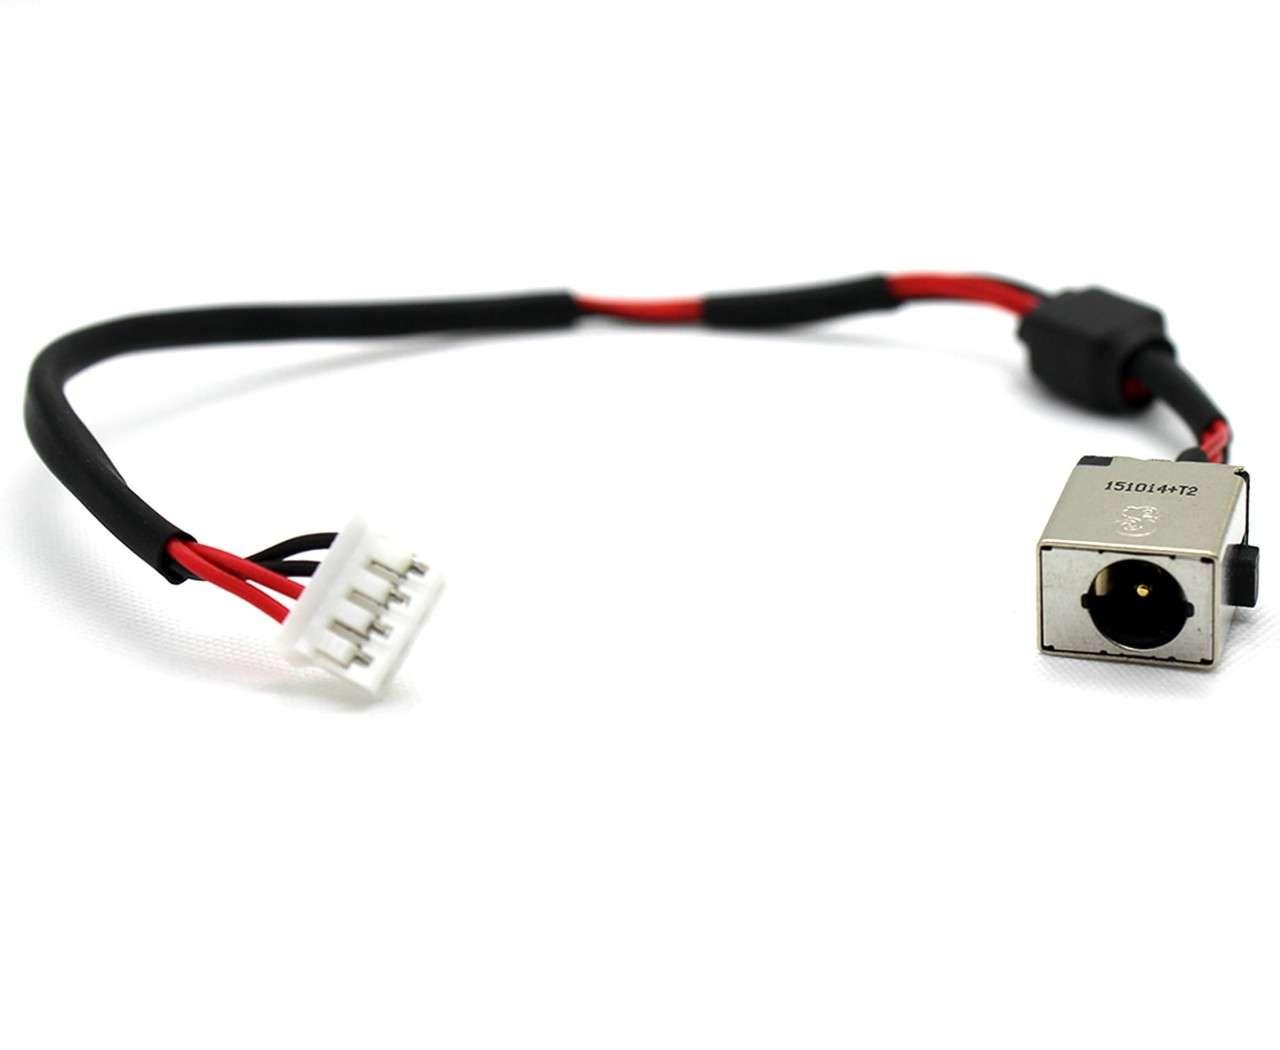 Mufa alimentare laptop Acer Aspire E5 511 cu fir imagine powerlaptop.ro 2021